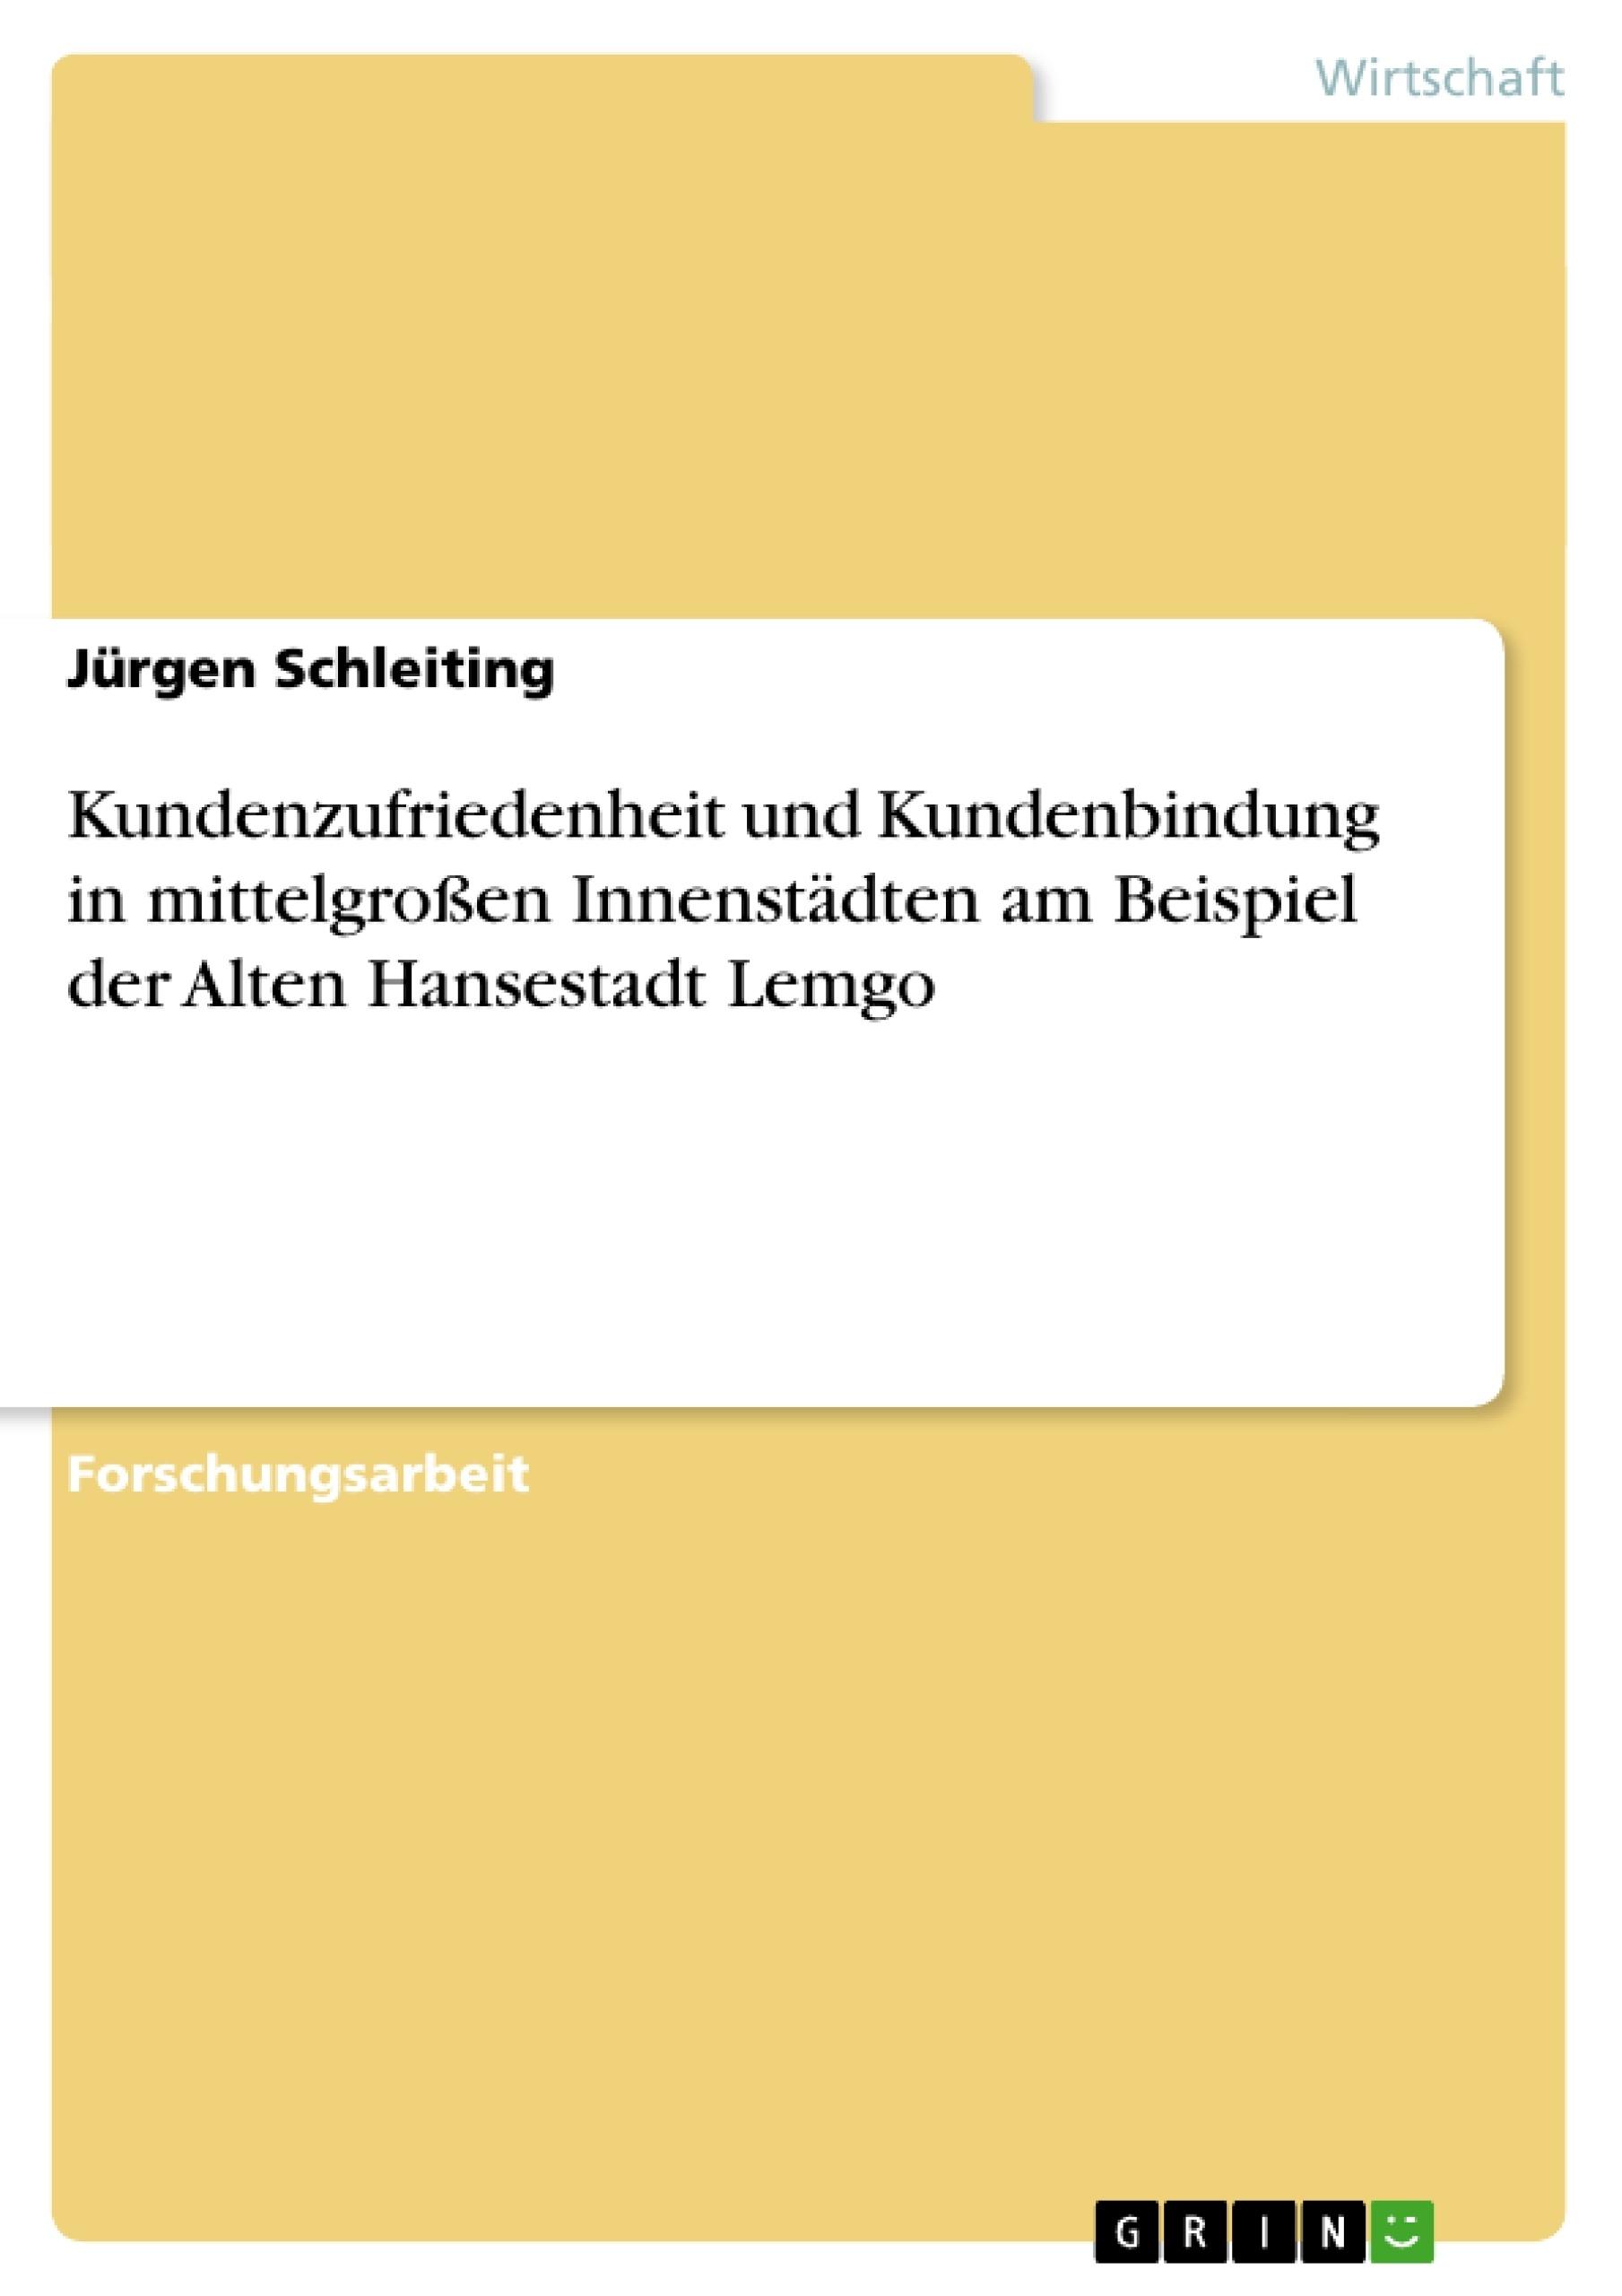 Titel: Kundenzufriedenheit und Kundenbindung in mittelgroßen Innenstädten am Beispiel der Alten Hansestadt Lemgo